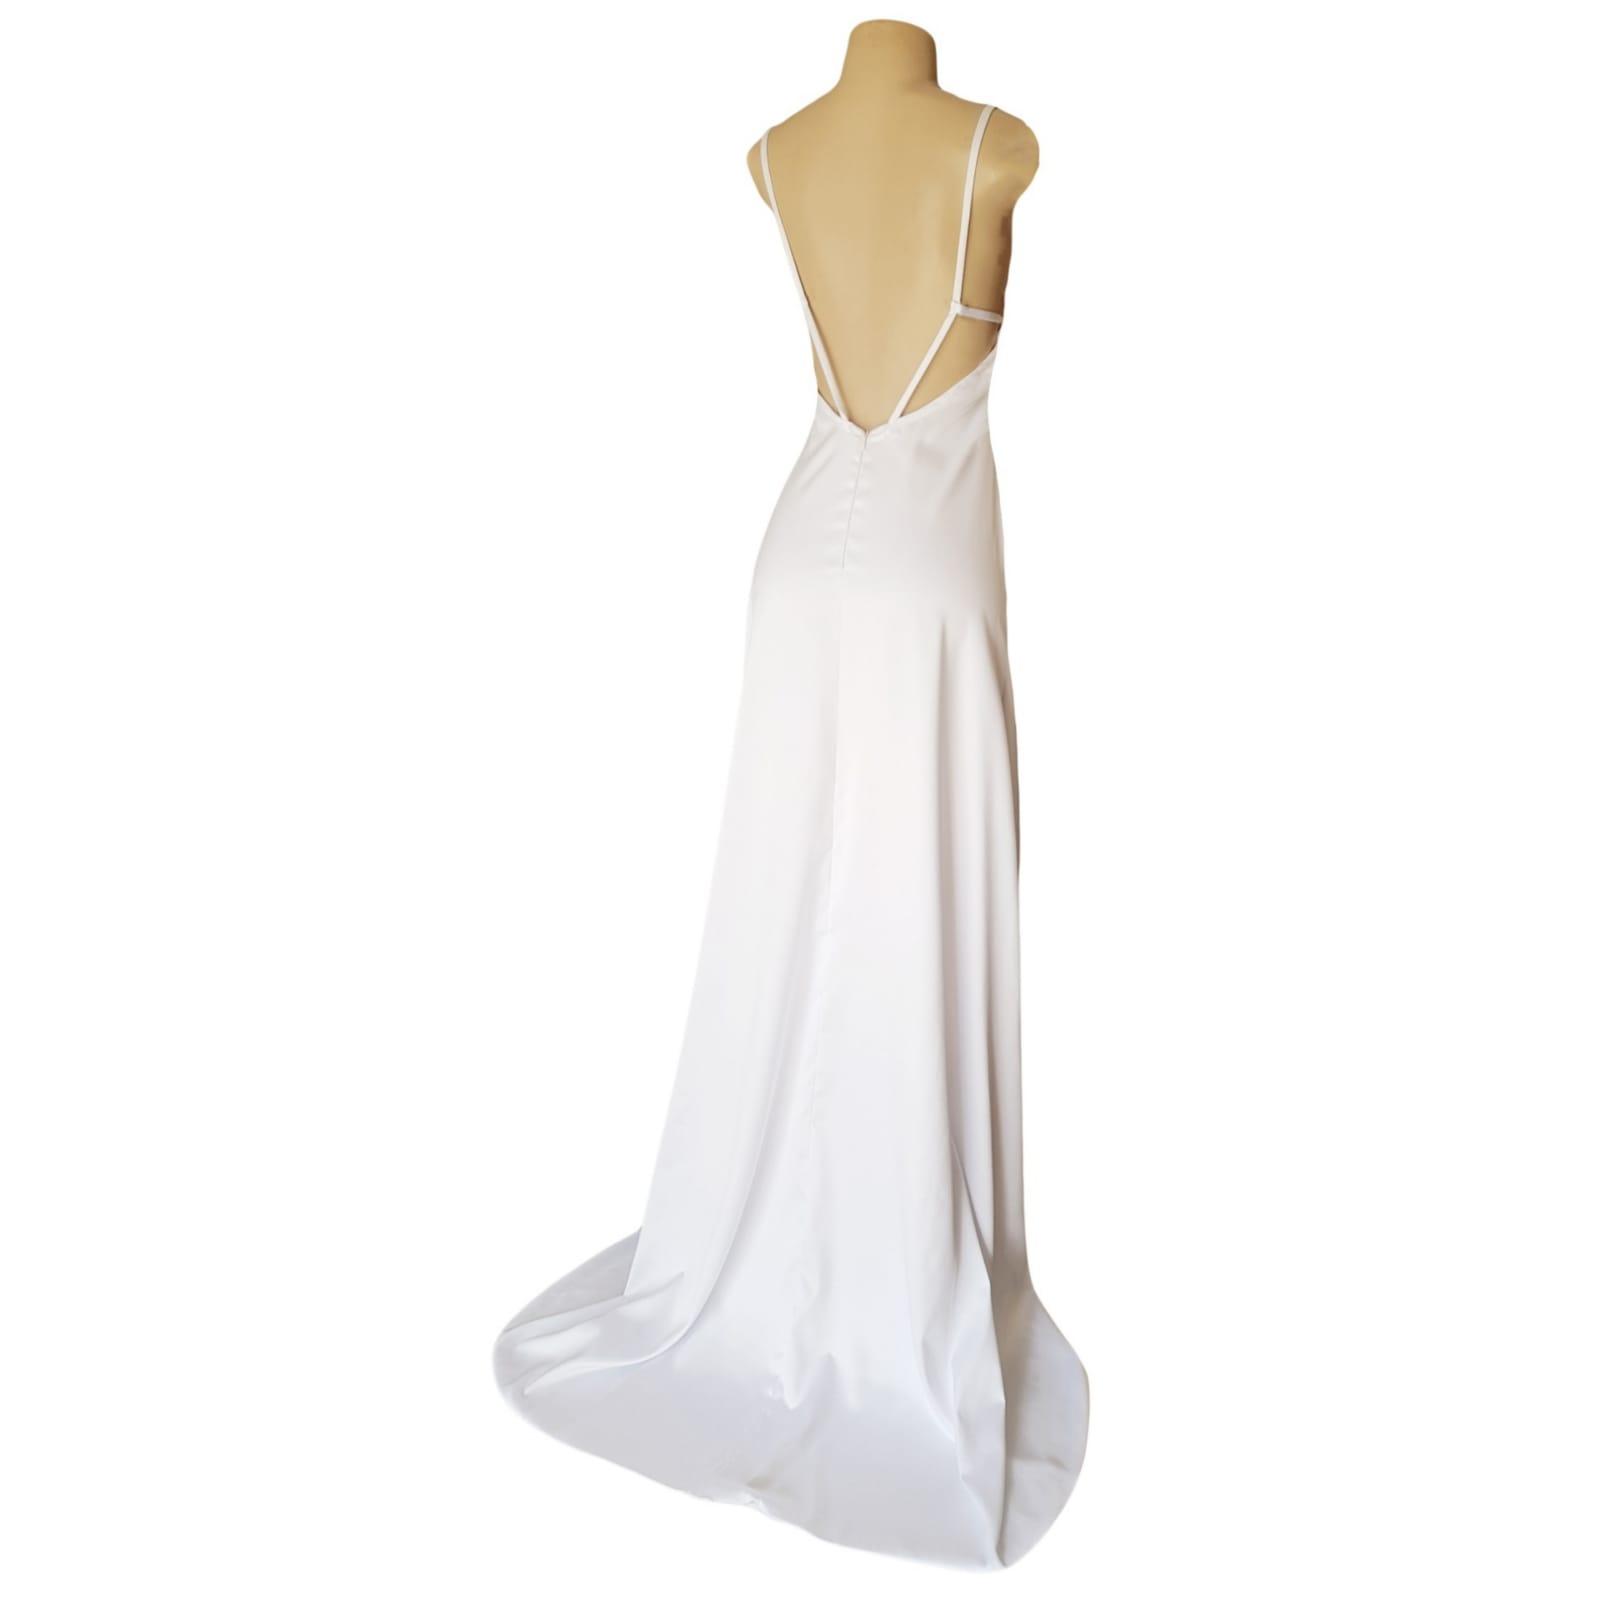 Vestido de finalistas longo de cetim branco com costas abertas 6 vestido de finalistas longo de cetim branco com costas abertas, com detalhe de fitas. Decote reto, 2 fendas e um trem.